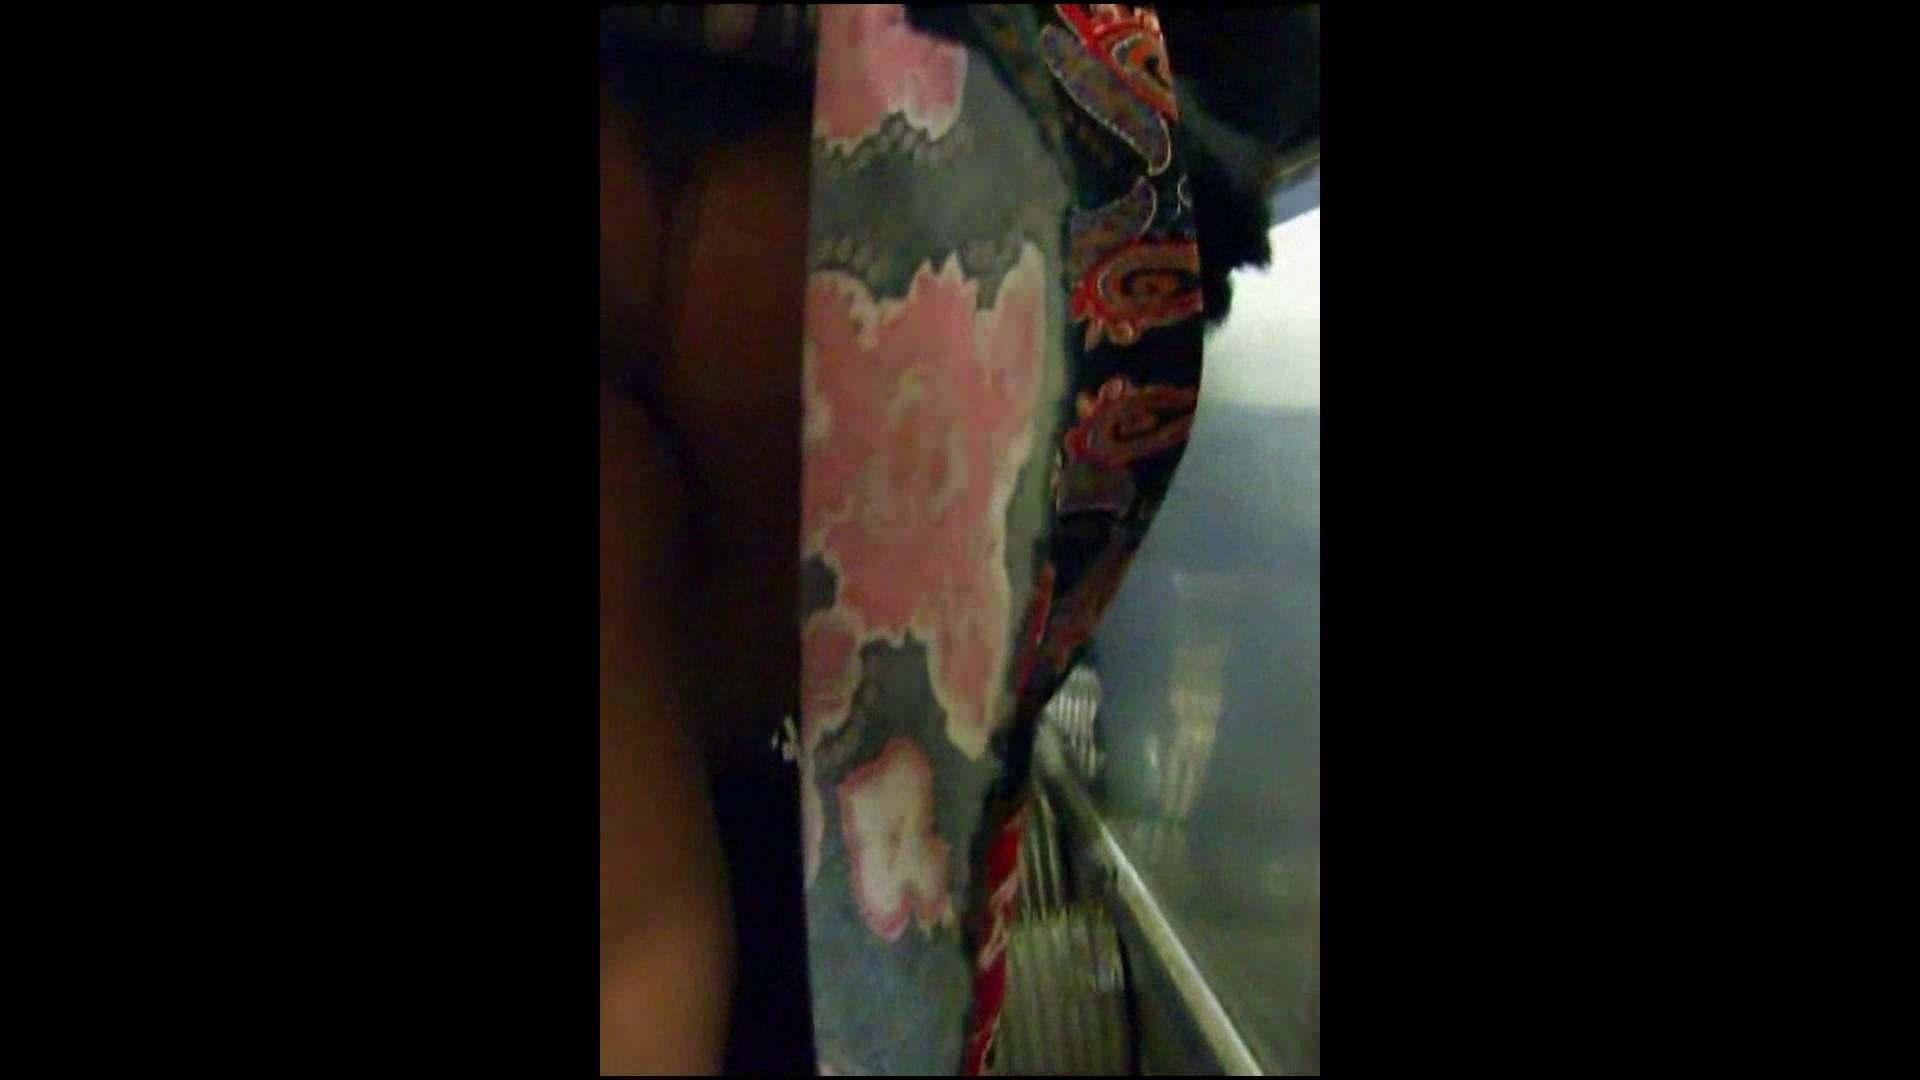 綺麗なモデルさんのスカート捲っちゃおう‼vol04 いやらしいOL セックス画像 49連発 7